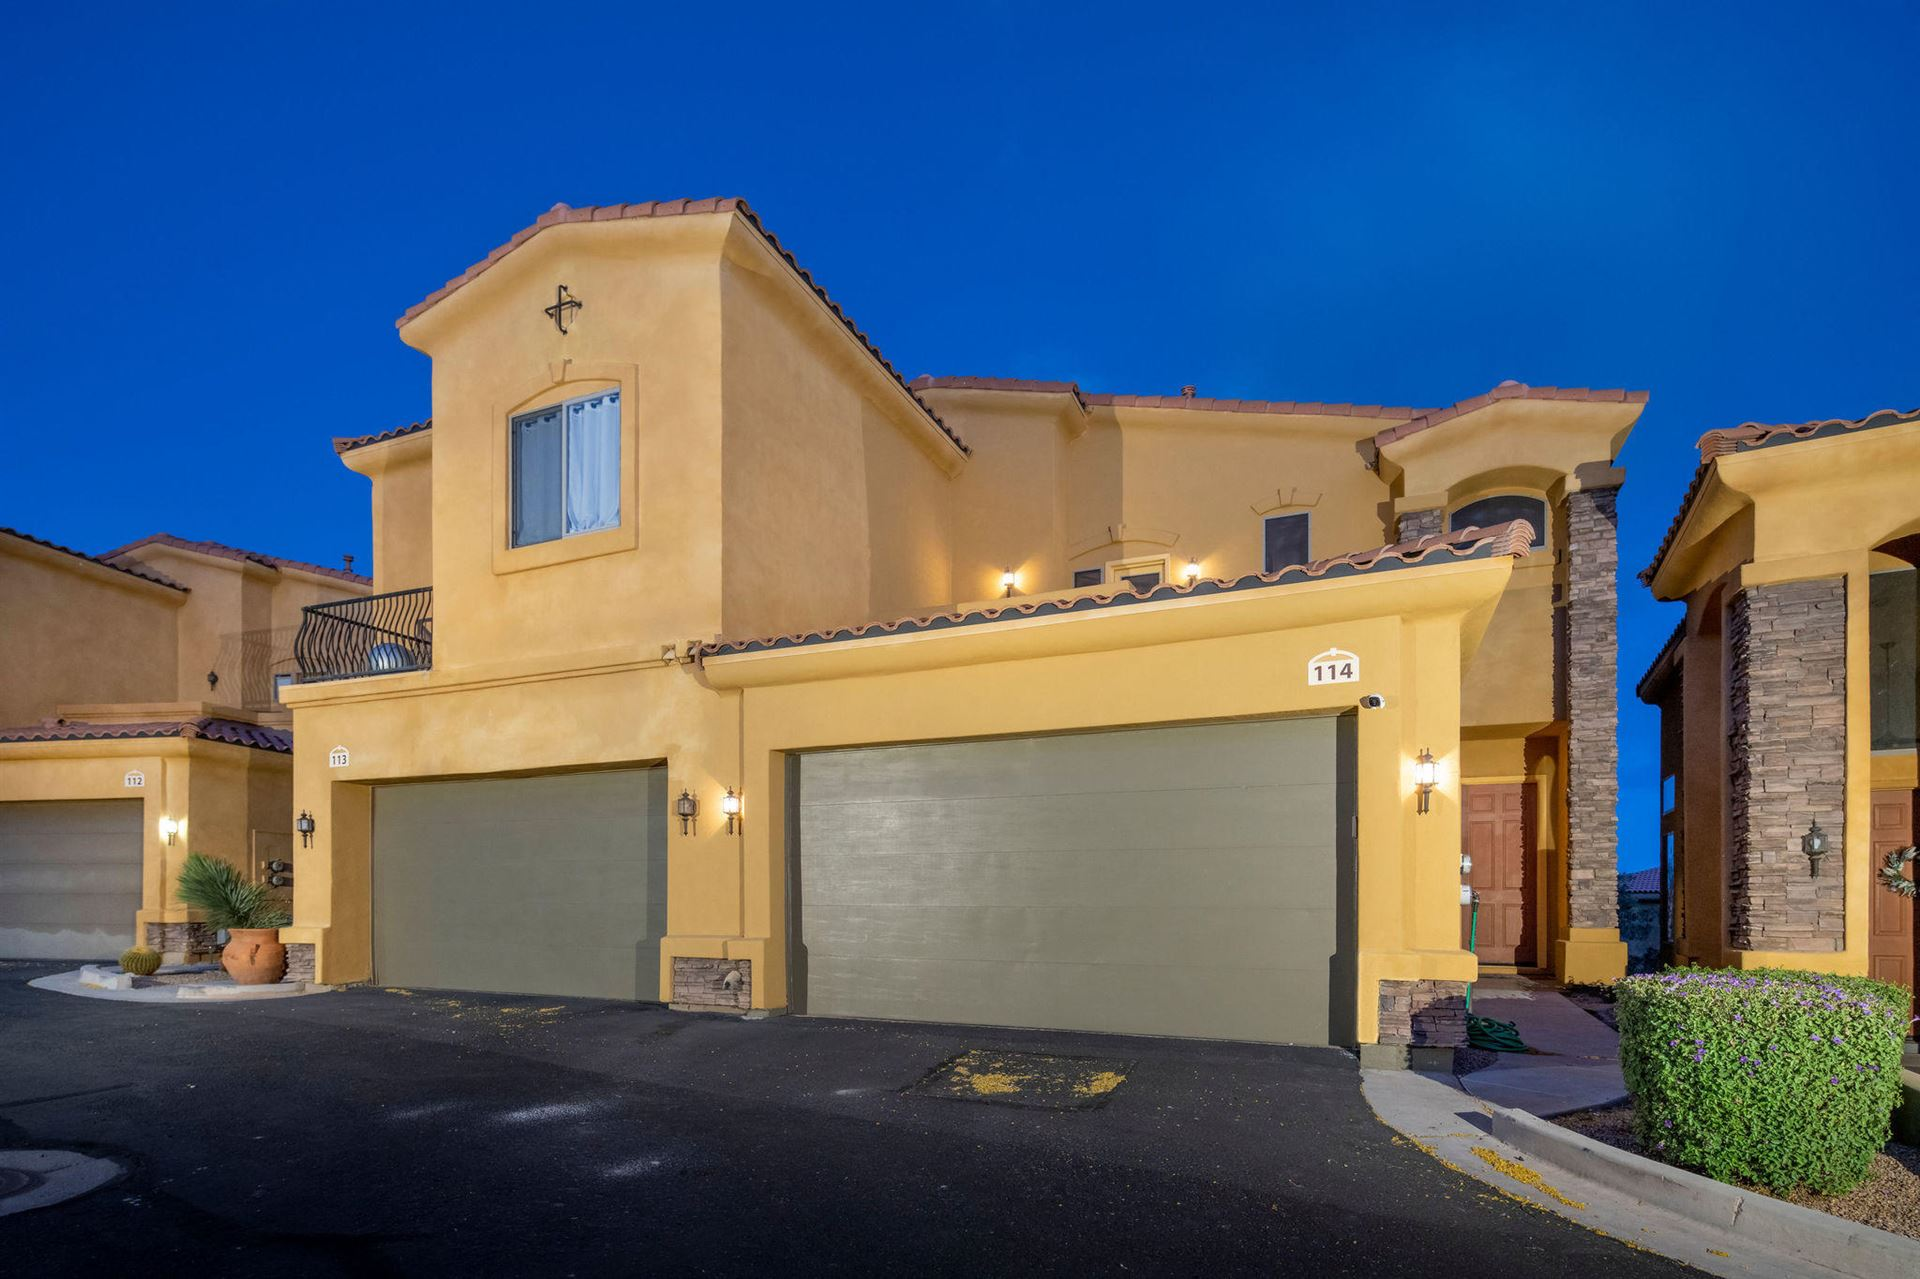 19226 N CAVE CREEK Road #114, Phoenix, AZ 85024 - MLS#: 6228737